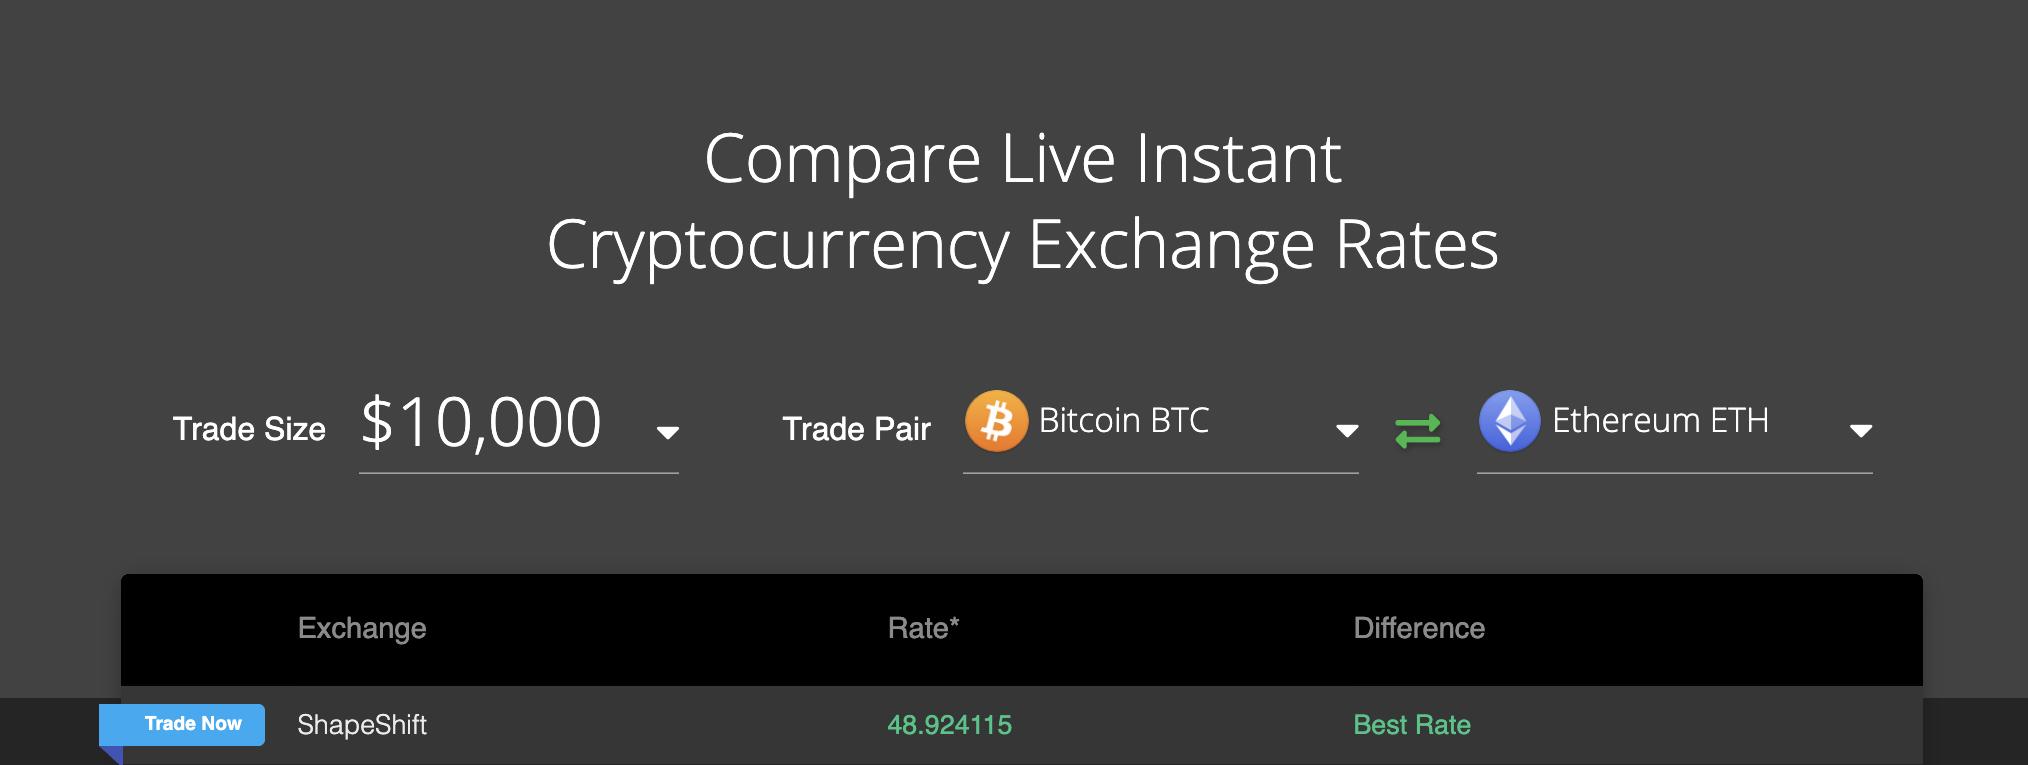 Compare our Rates: coincap.io/rate-compare